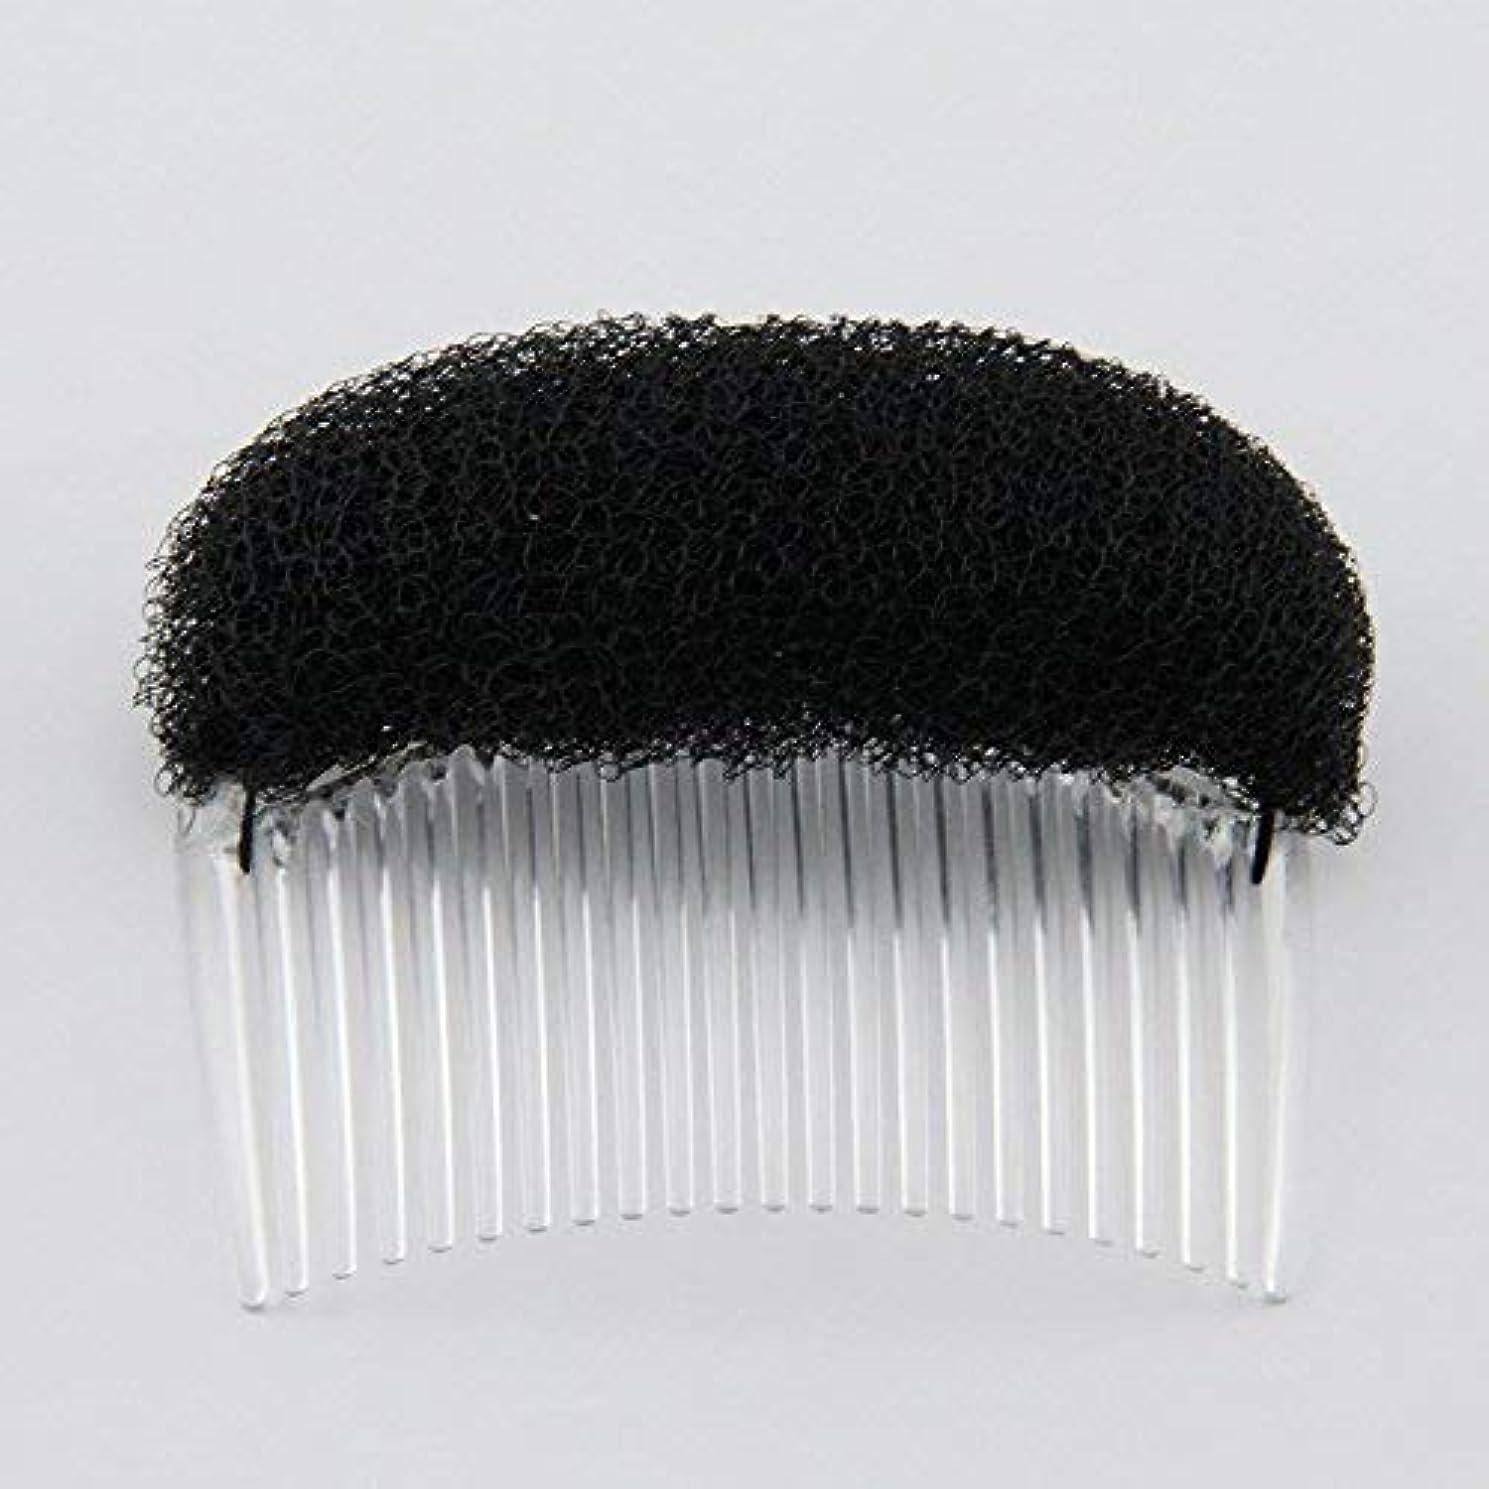 欠如人里離れたこれまで1PC Charming BUMP IT UP Volume Inserts Do Beehive hair styler Insert Tool Hair Comb Black/Brown colors for choose...